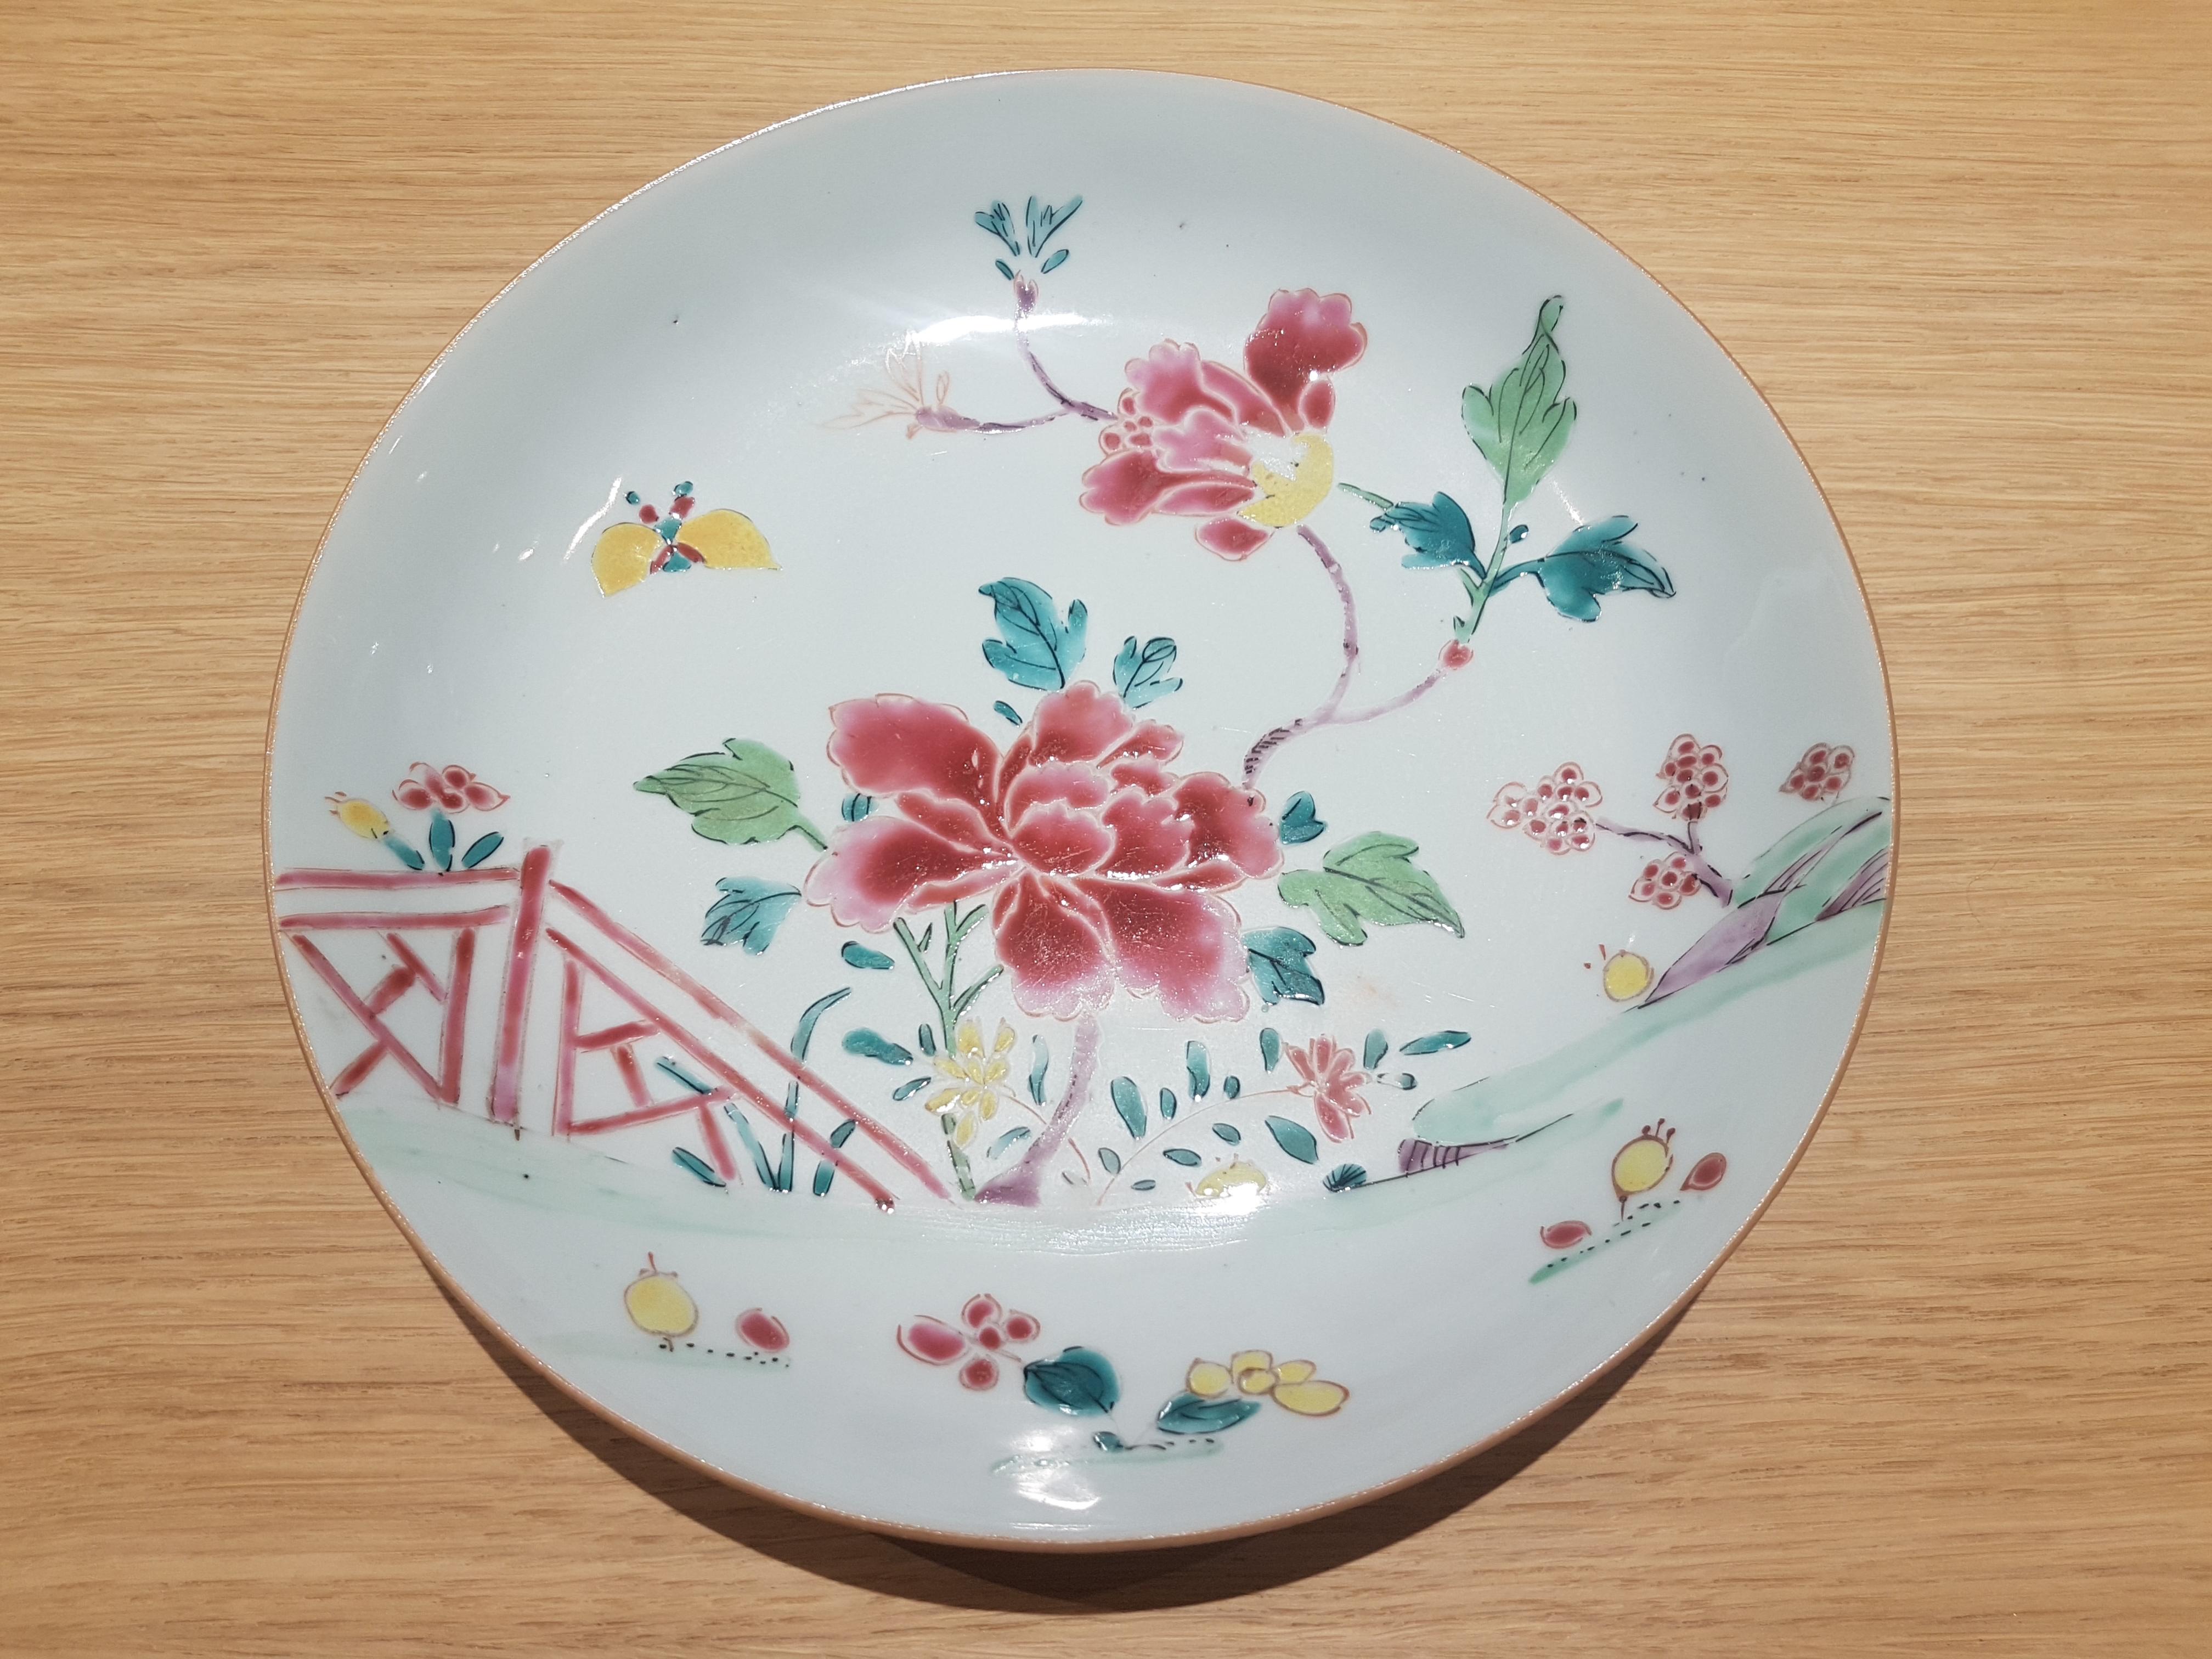 Antiek Chinees Porselein Herkennen.Chinese Vazen Herkennen En Naar Waarde Schatten Uitleg Van Een Expert